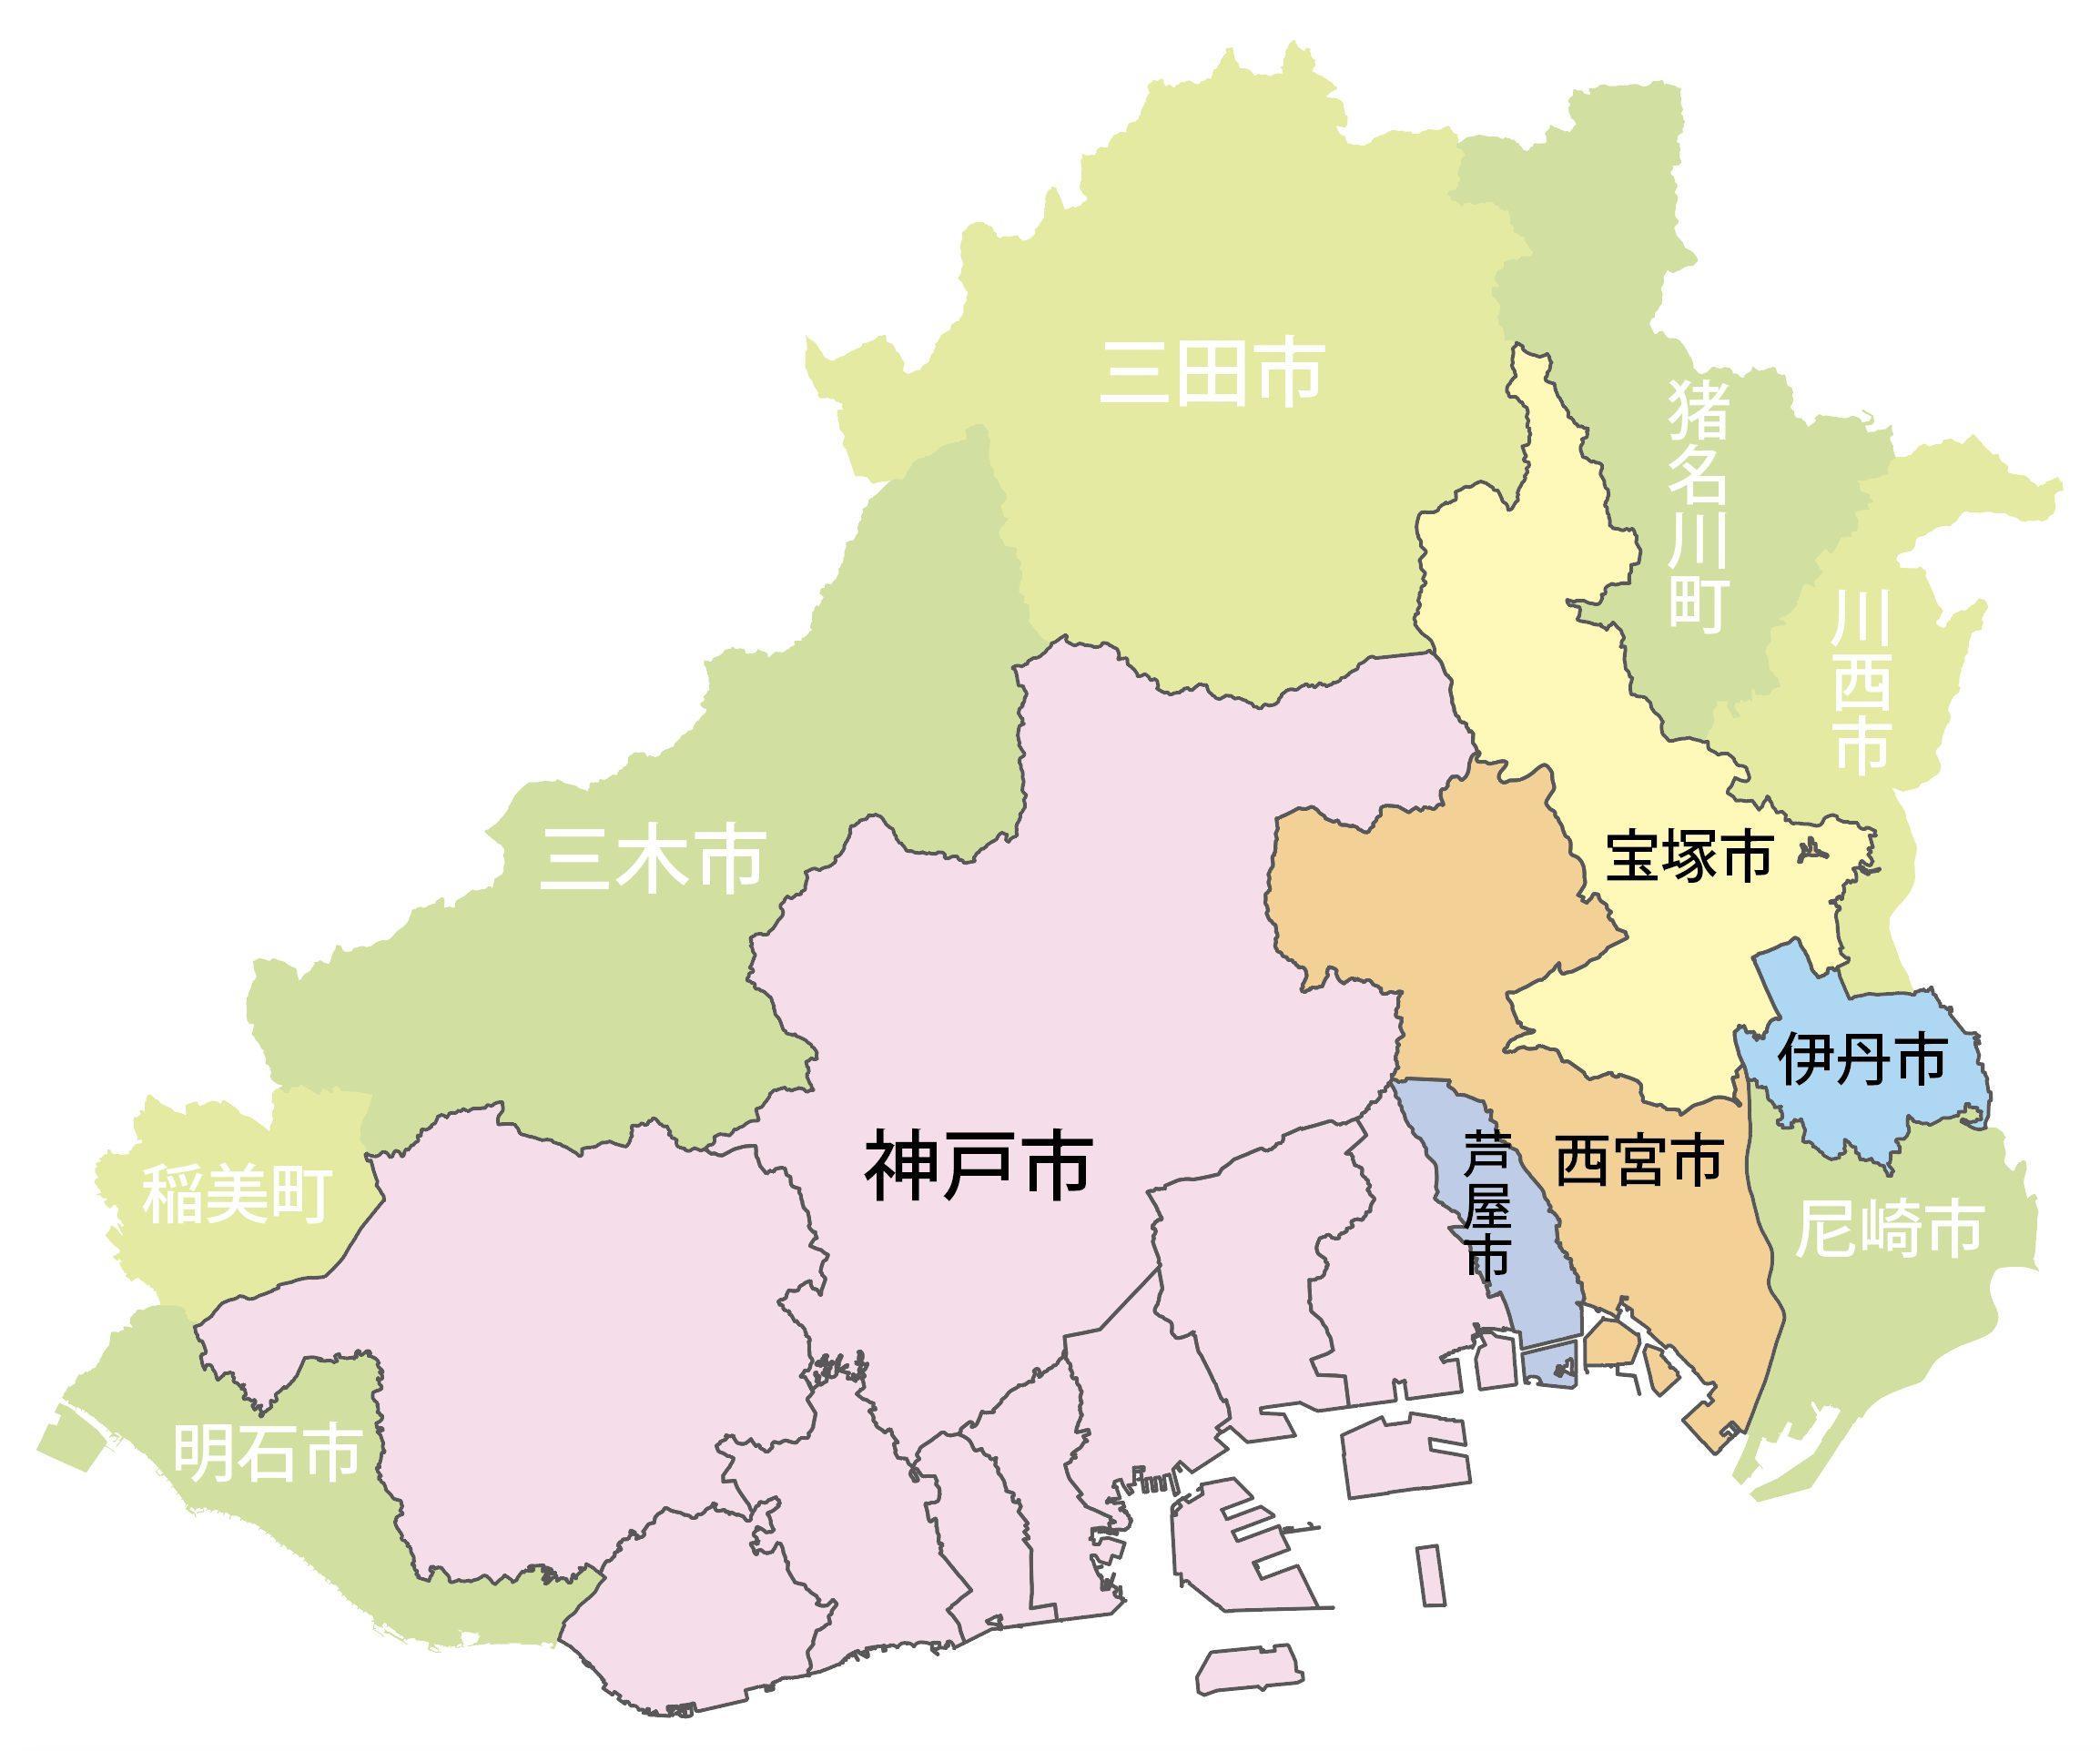 対応エリア(西宮・宝塚・芦屋・神戸・伊丹)